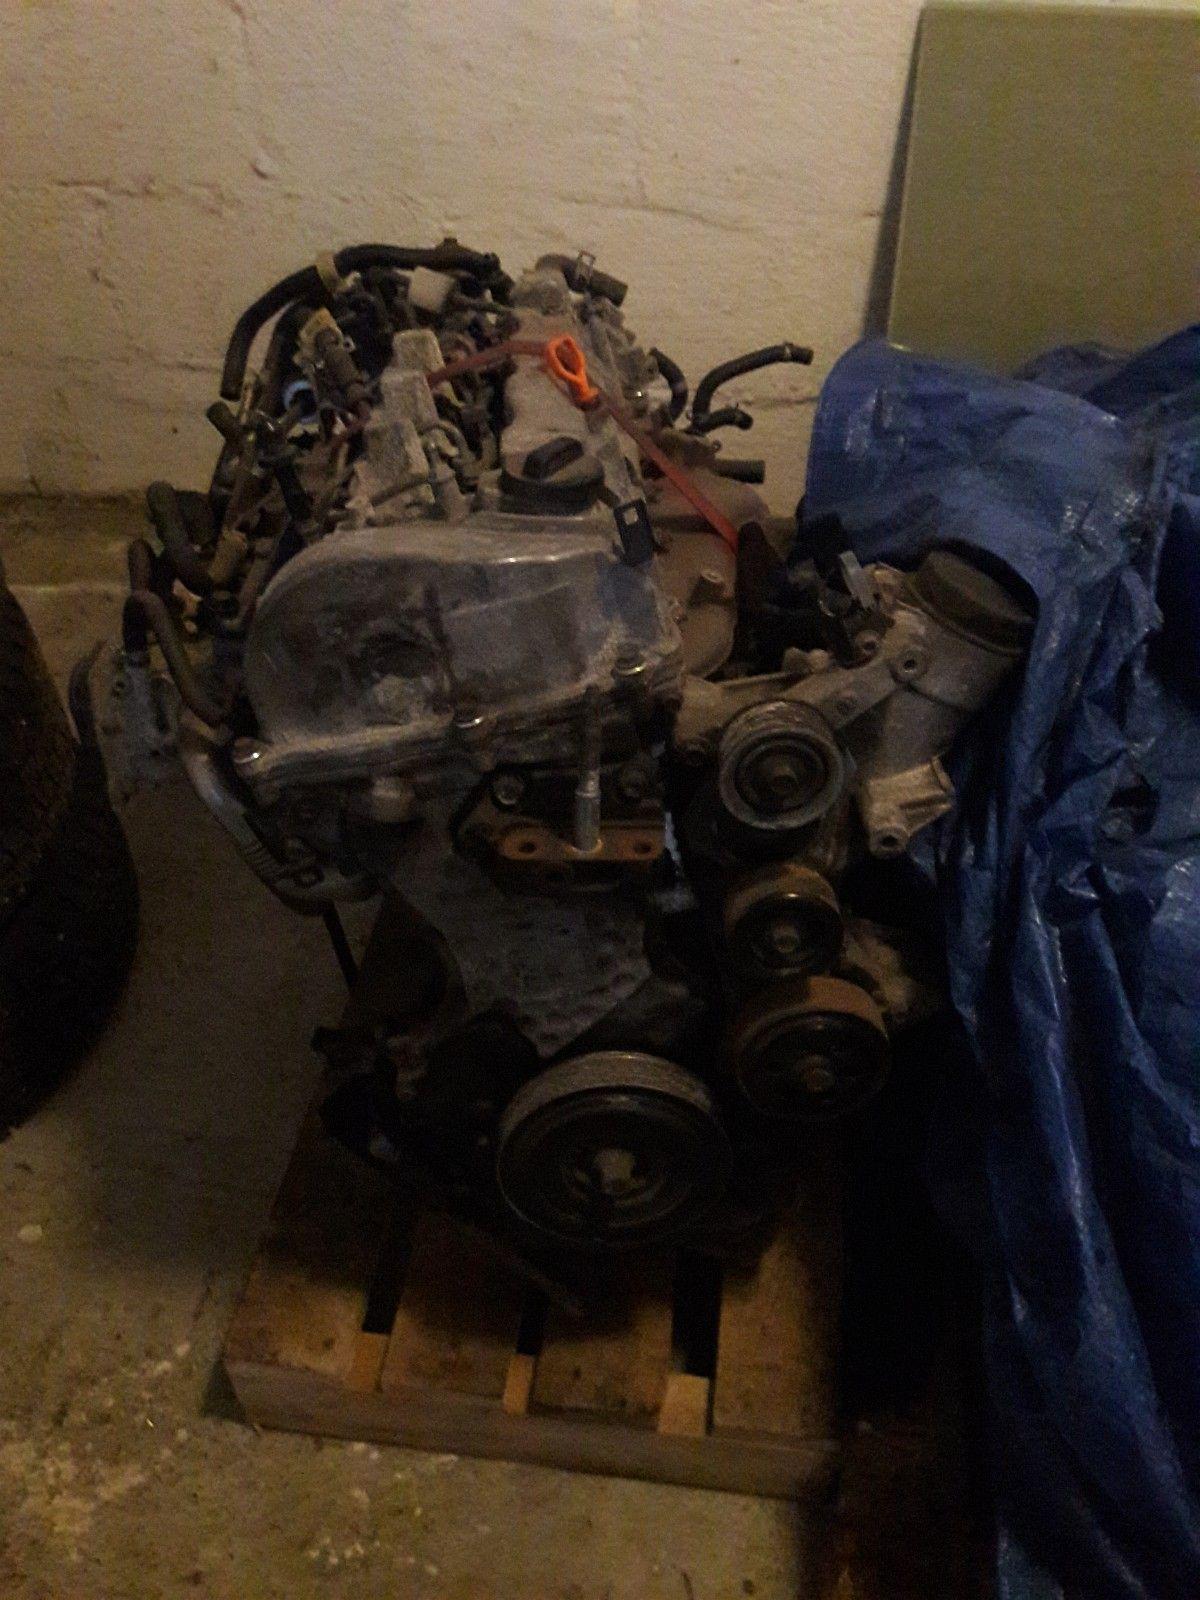 Motor honda i-dtec 2.2 n22b1 Accord crv - Vatne  - Motor komplet med dyse og diesel pumpe. Og alle deler hva er på bilder. Mangle turbo. Motor har 120.000km. Jeg kan gi garanti på start. - Vatne